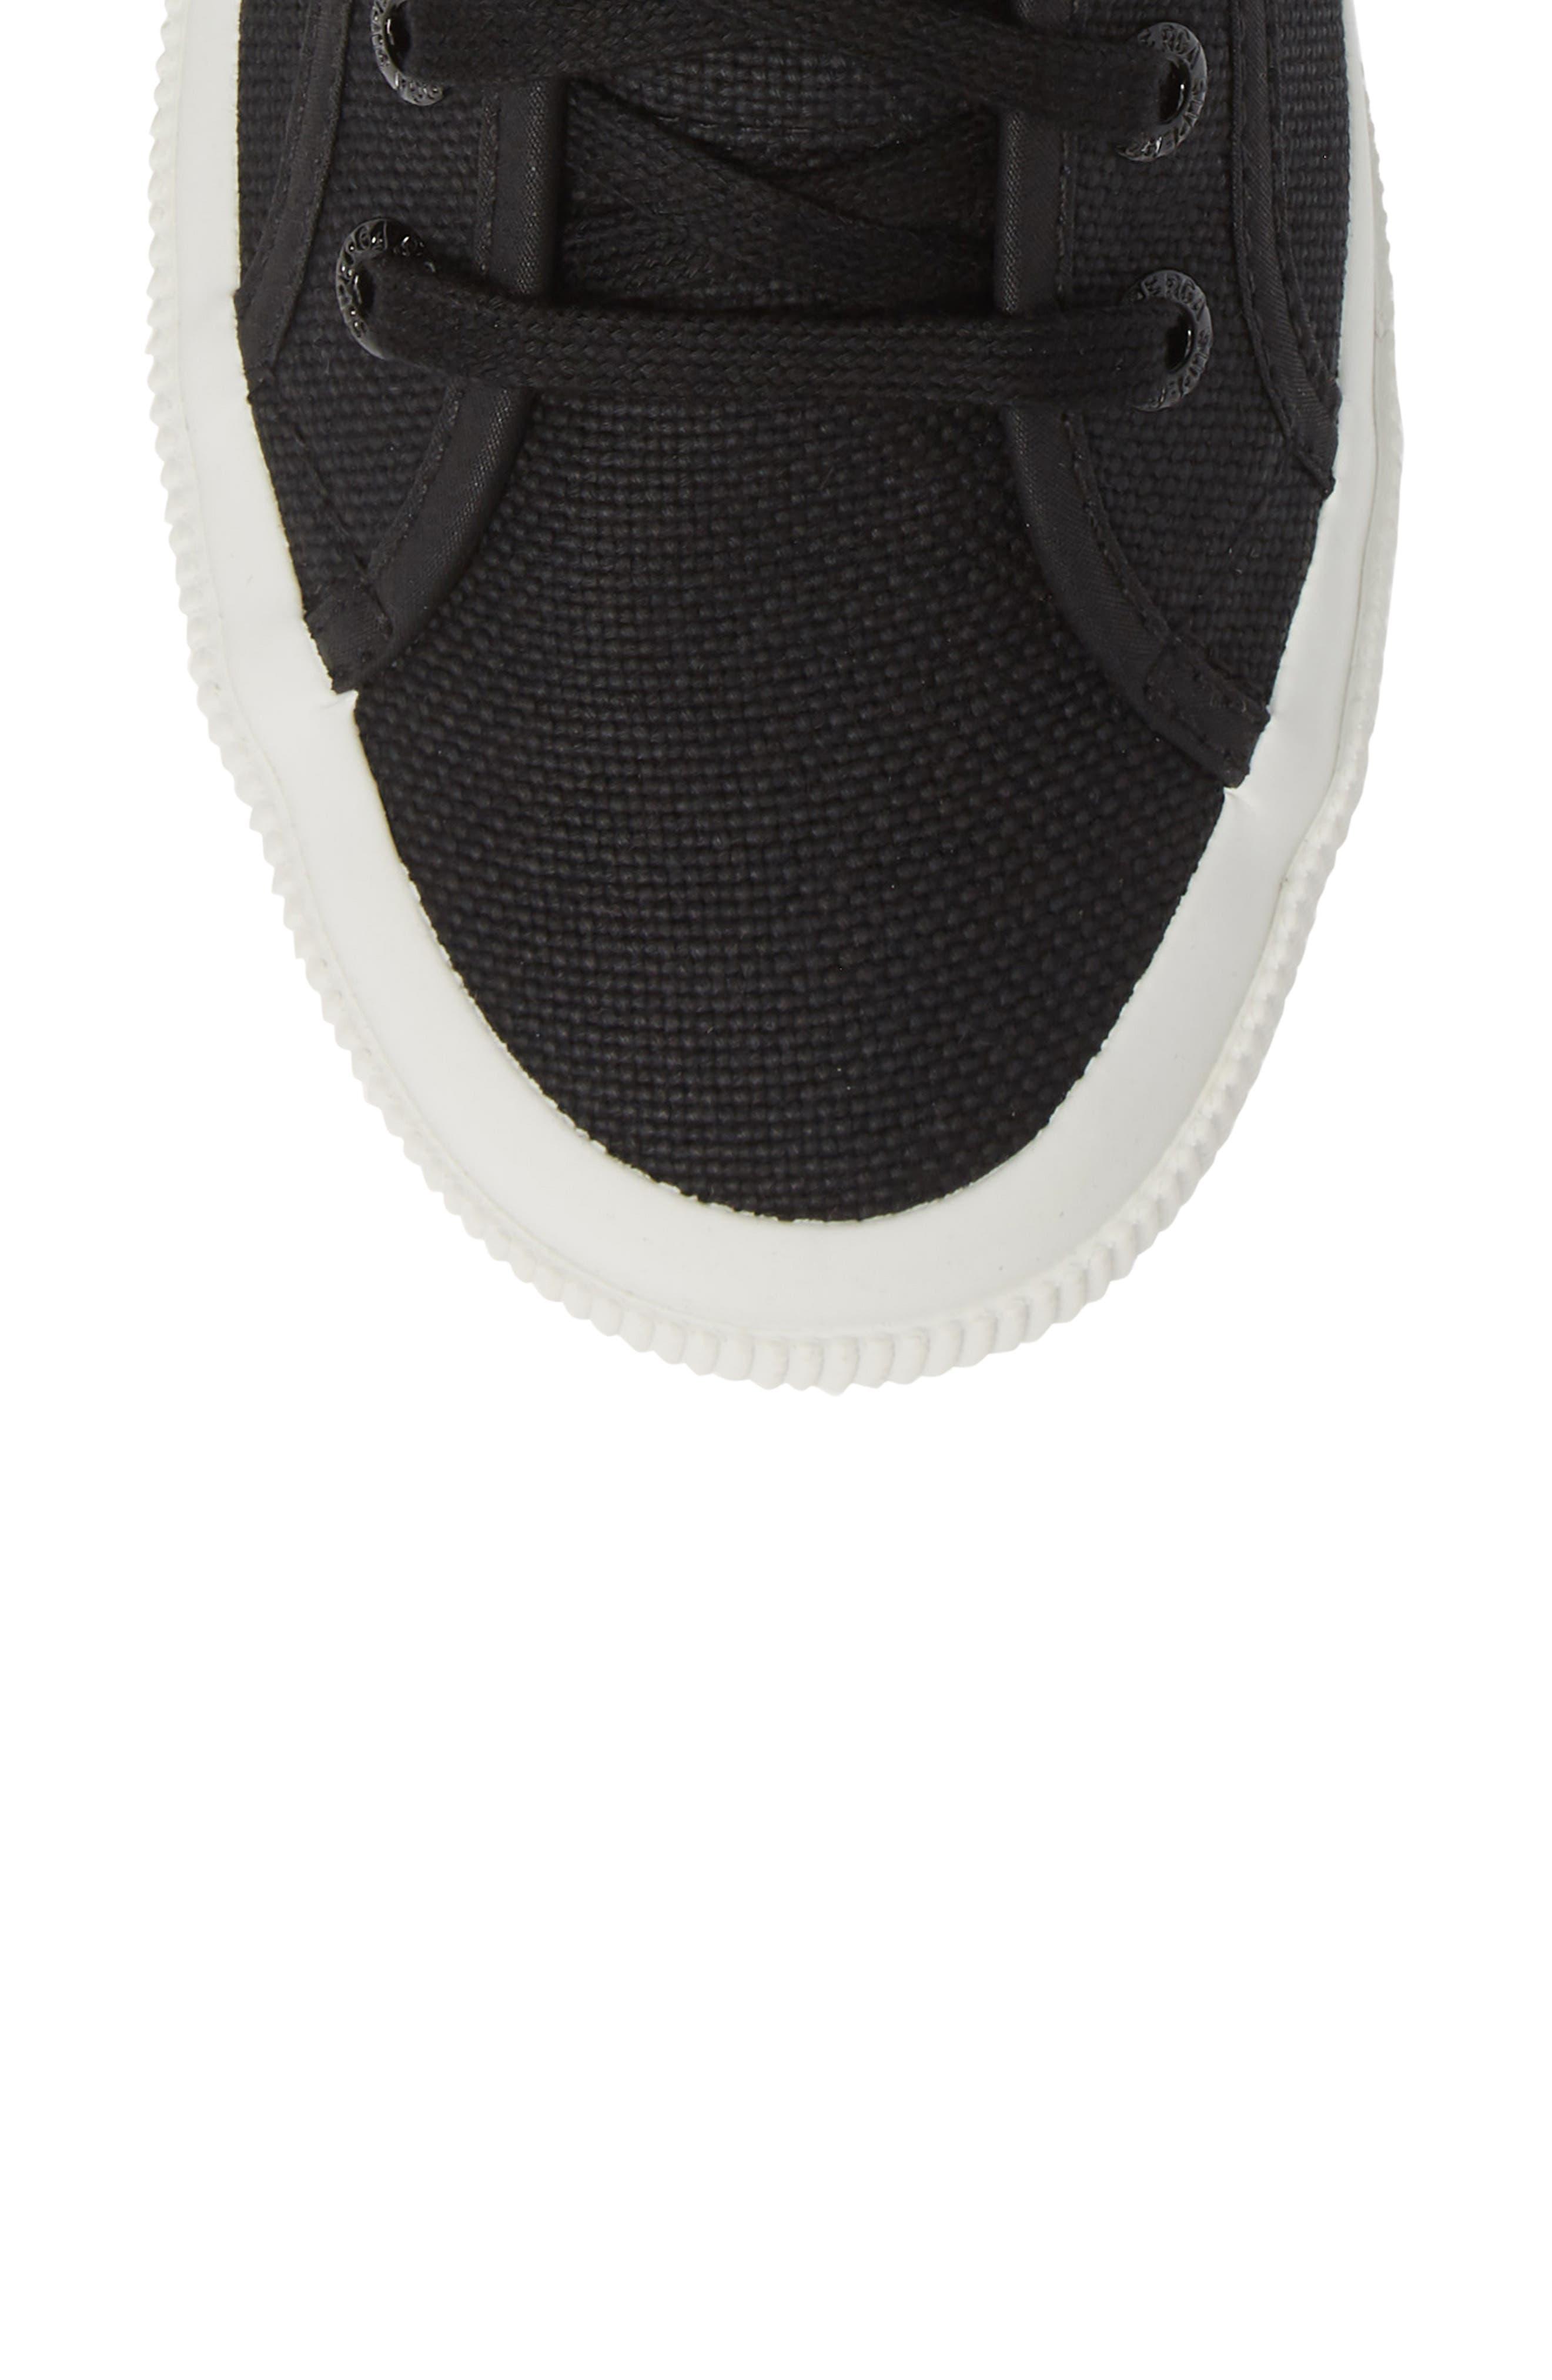 2795 High Top Sneaker,                             Alternate thumbnail 5, color,                             BLACK/ WHITE